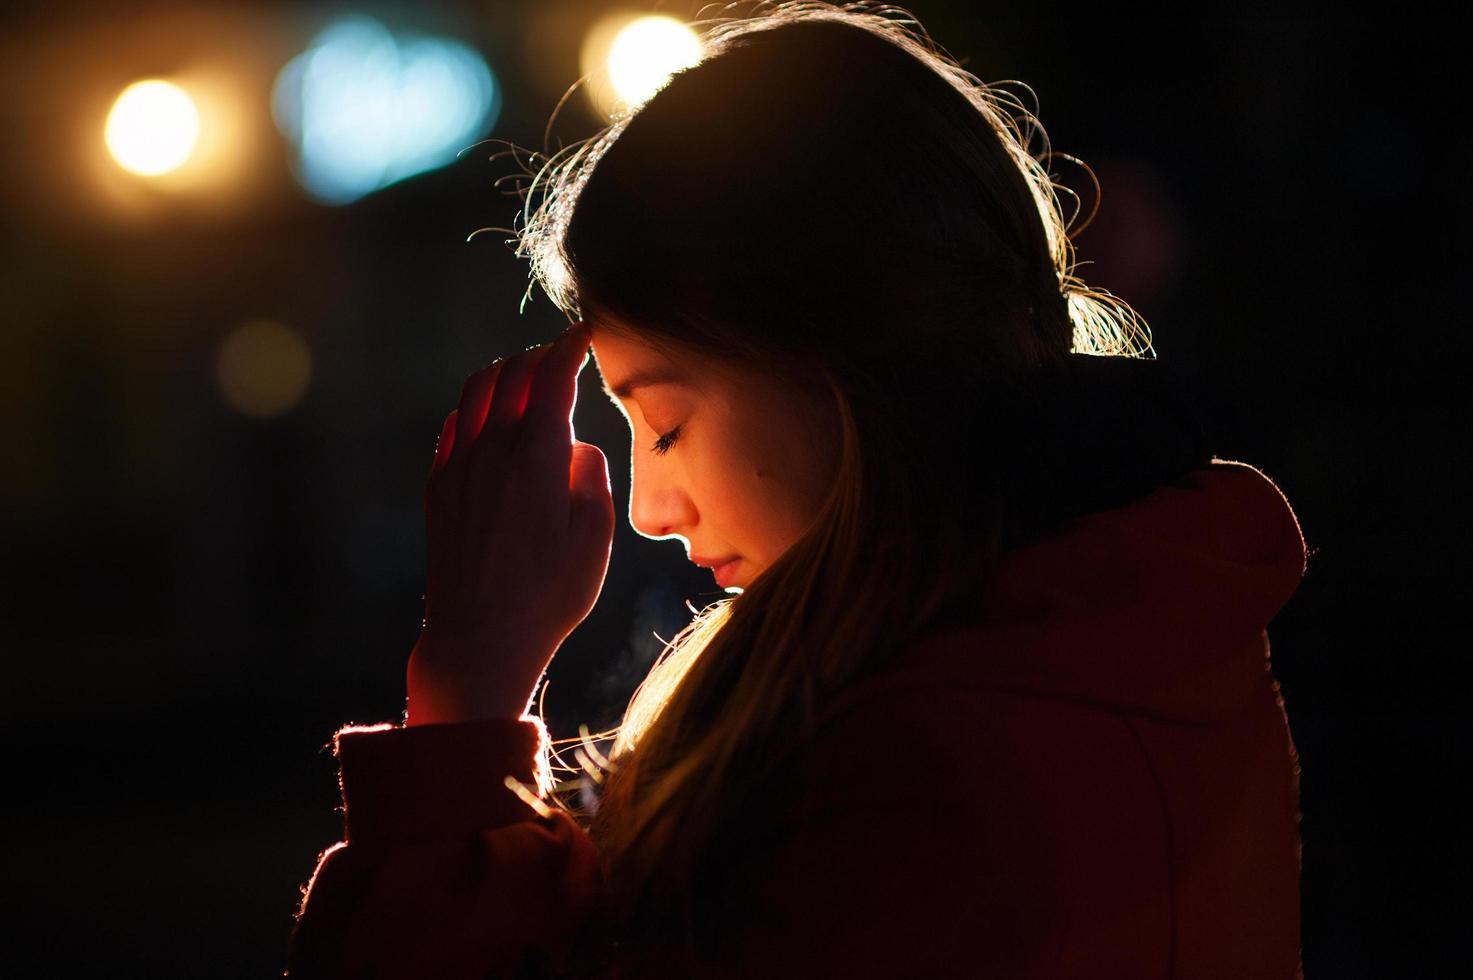 Ritratto di una giovane donna con gli occhi chiusi foto